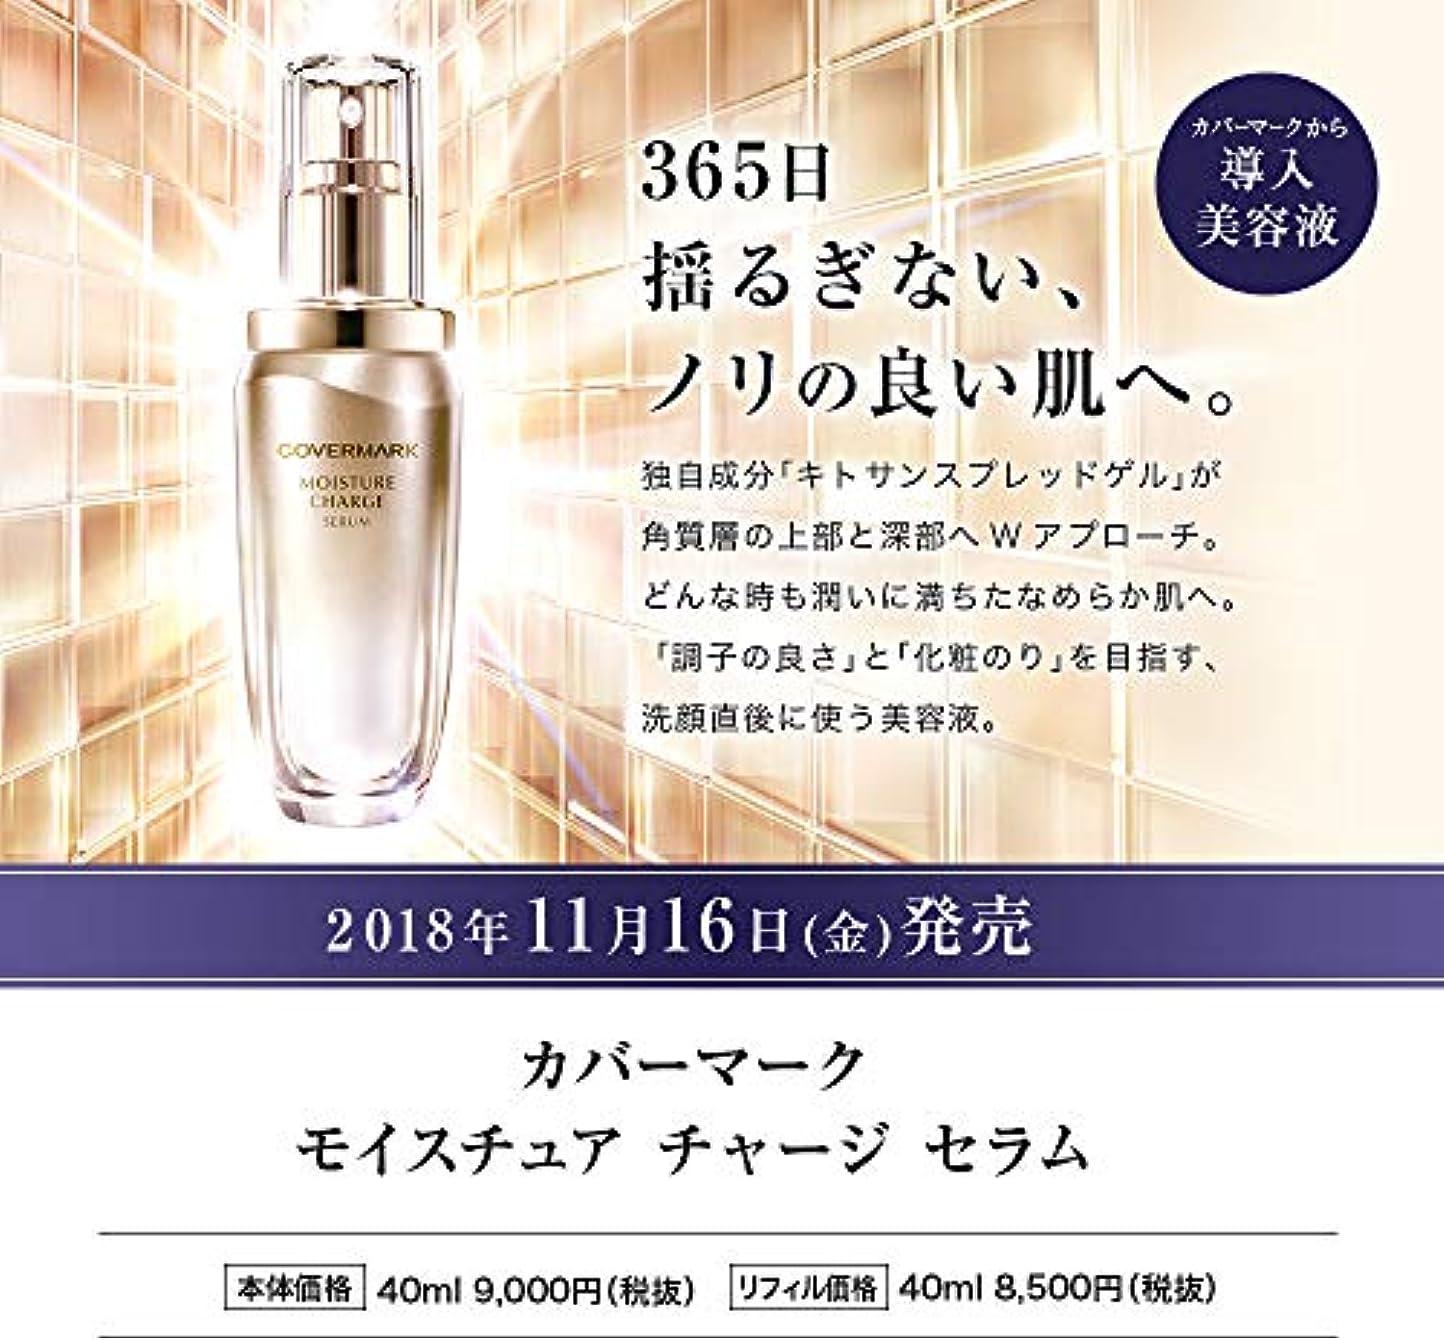 賞賛事実修士号カバーマーク COVERMARK モイスチュア チャージ セラム レフィル 40mL